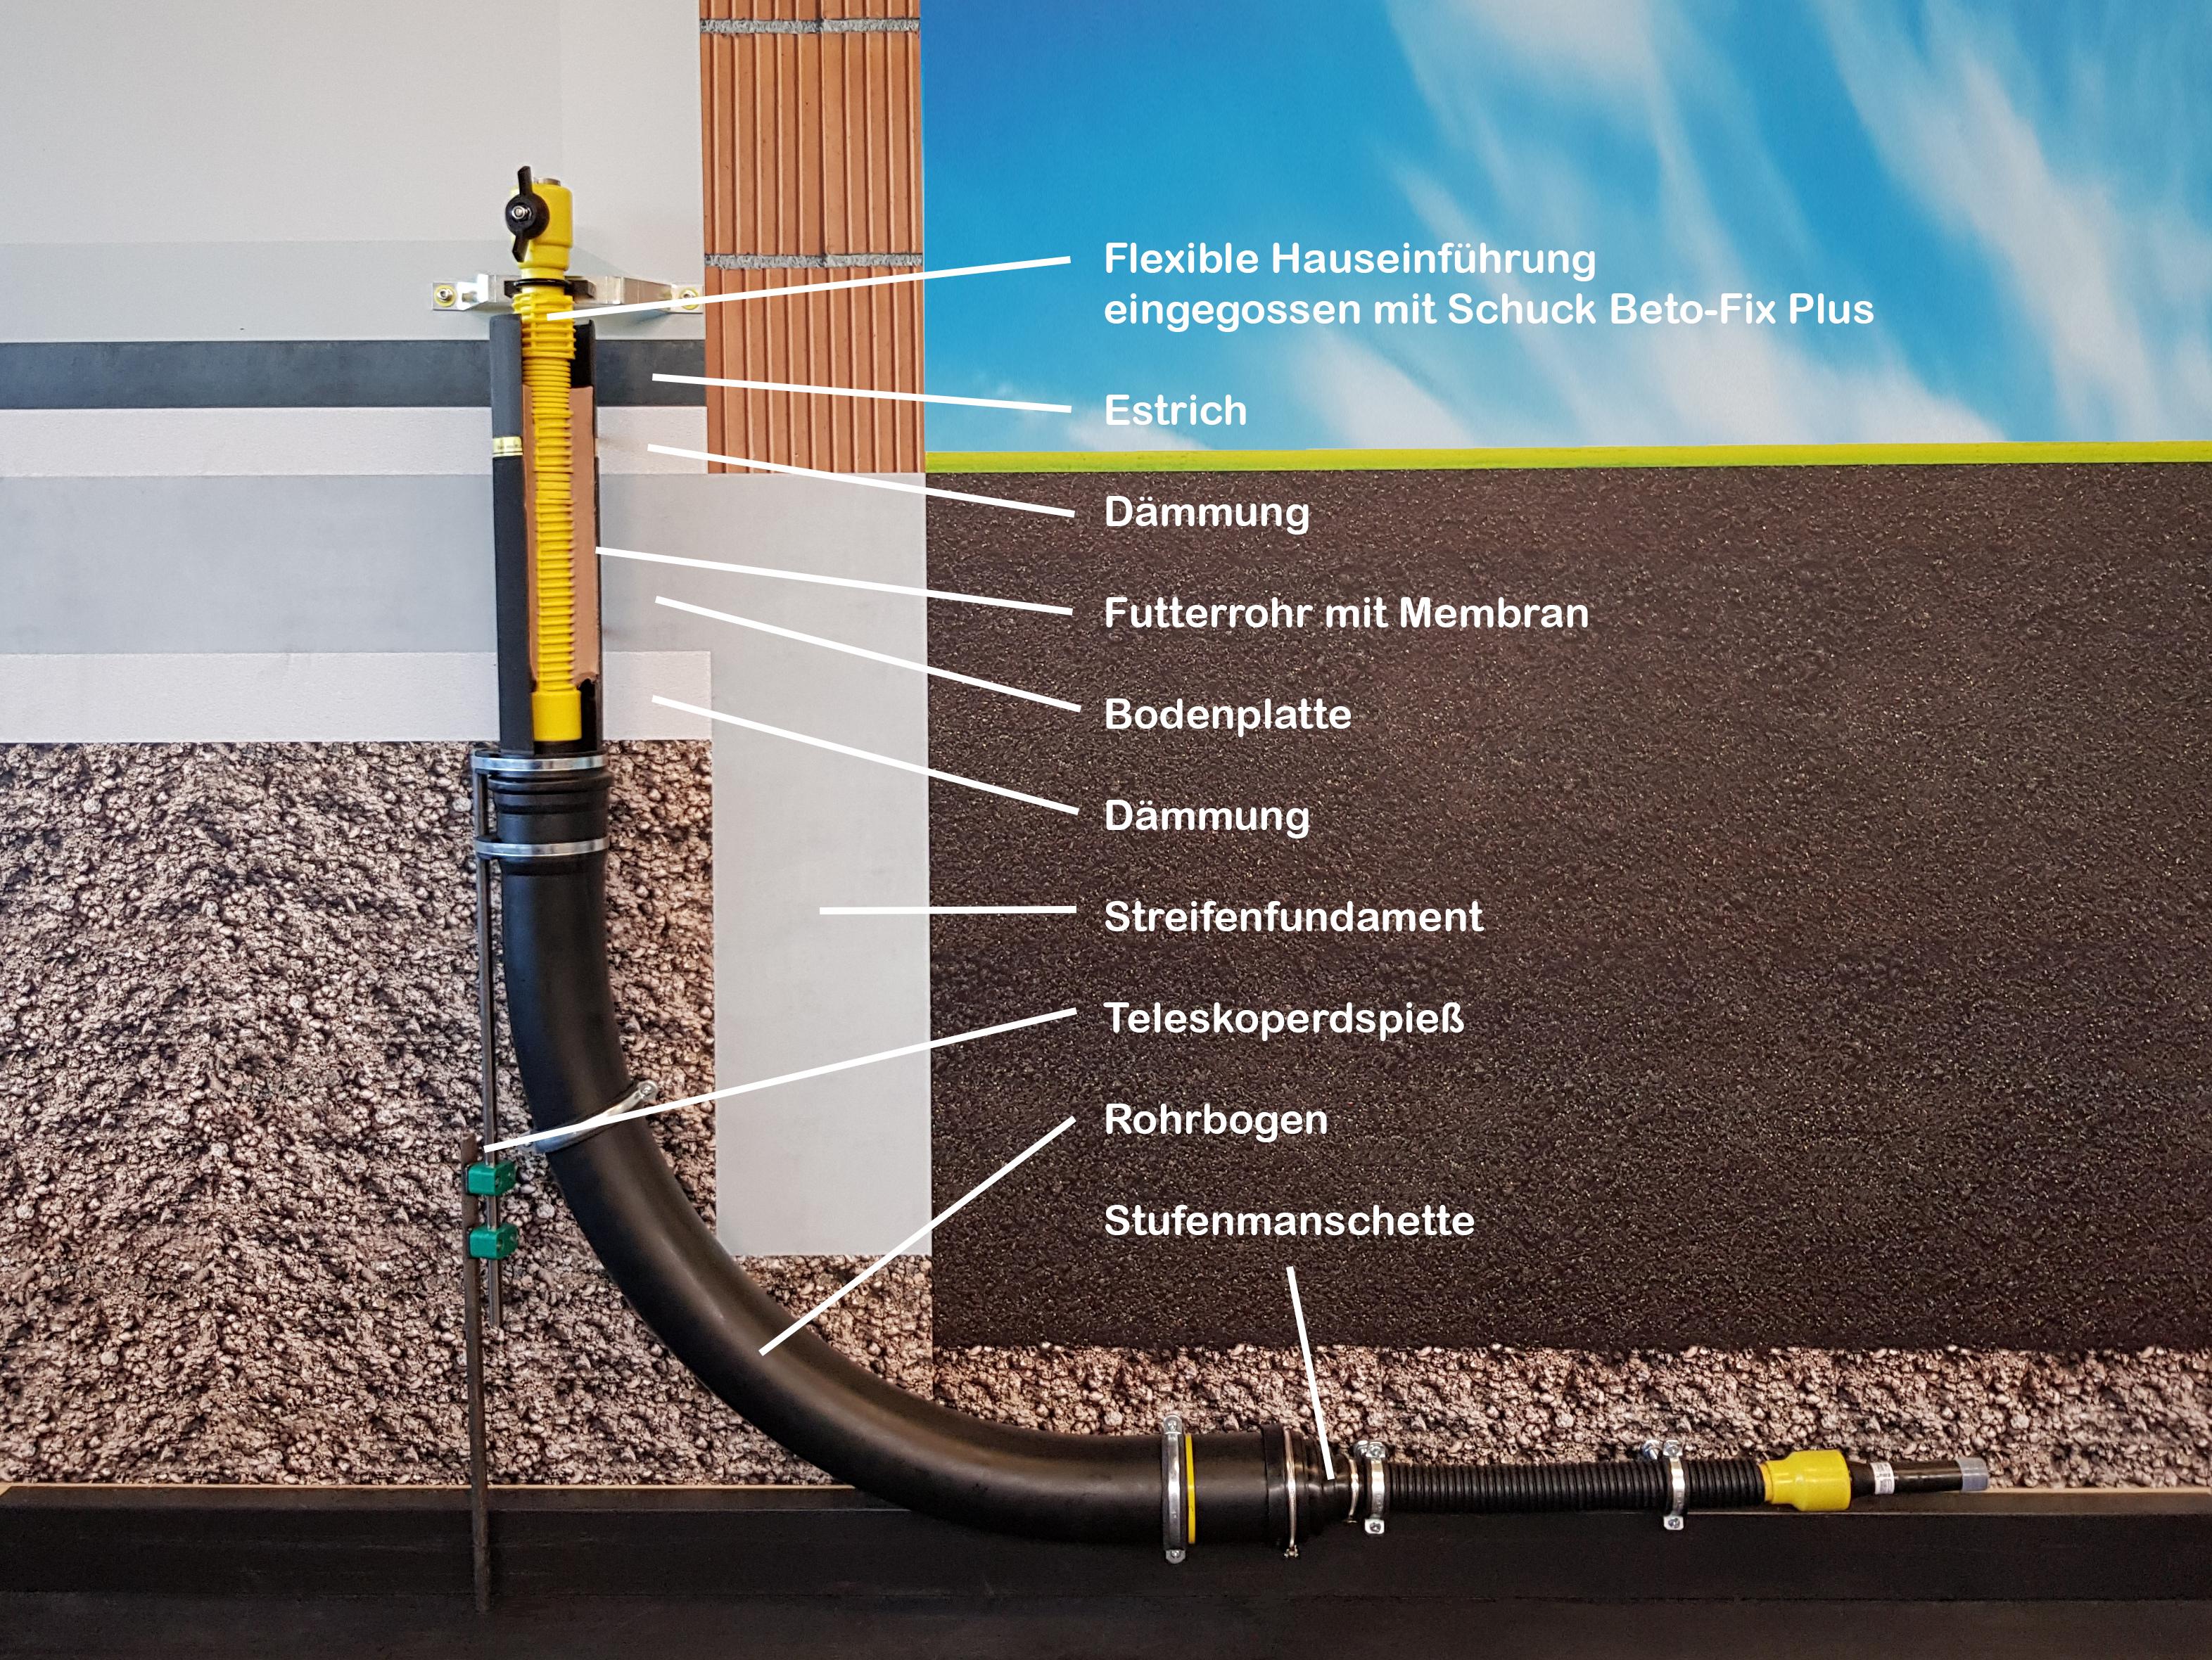 Schuck Leerrohrsystem mit den einzelnen Bestandteilen